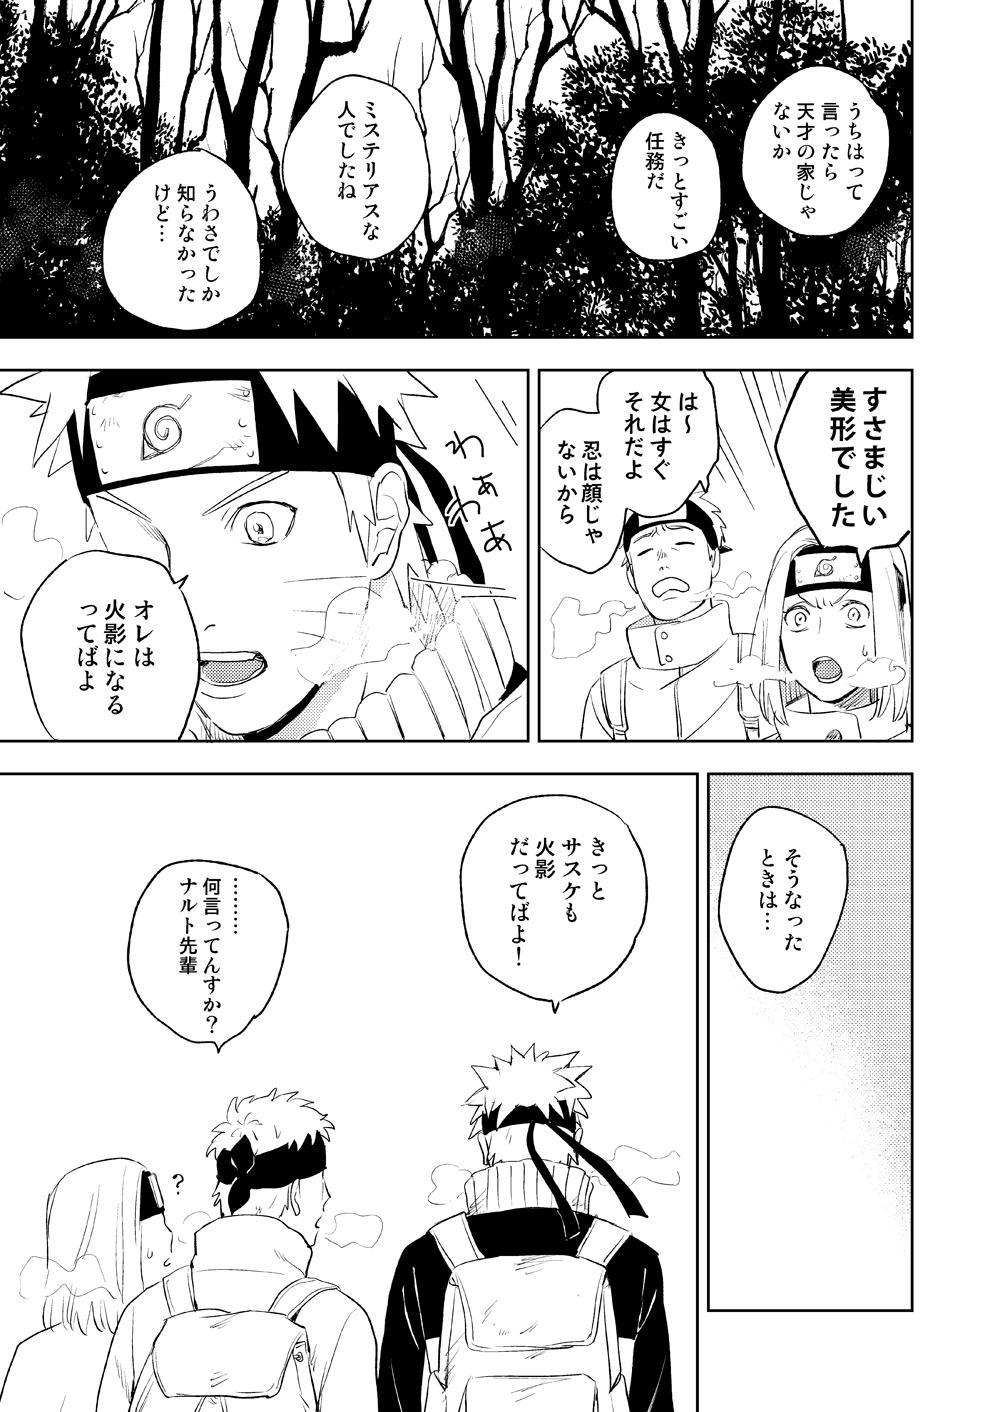 Yukimichi 28